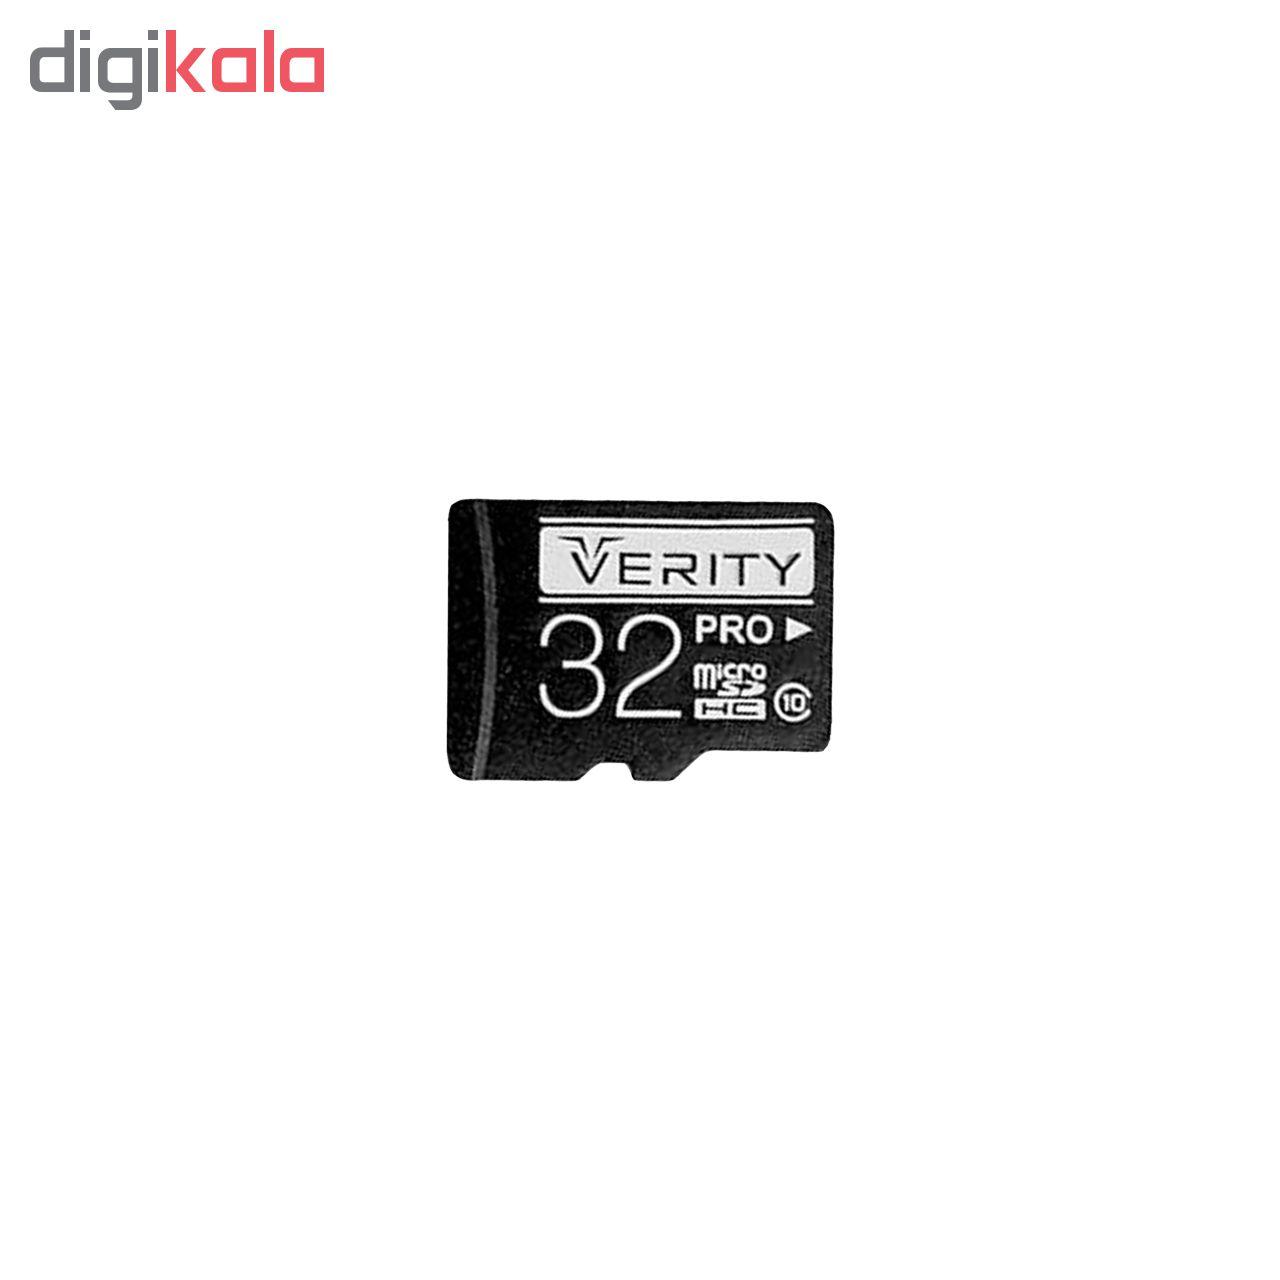 کارت حافظه microSDHC وریتی مدل Pro کلاس 10 استاندارد UHS-I سرعت 30MBps ظرفیت 32 گیگابایت